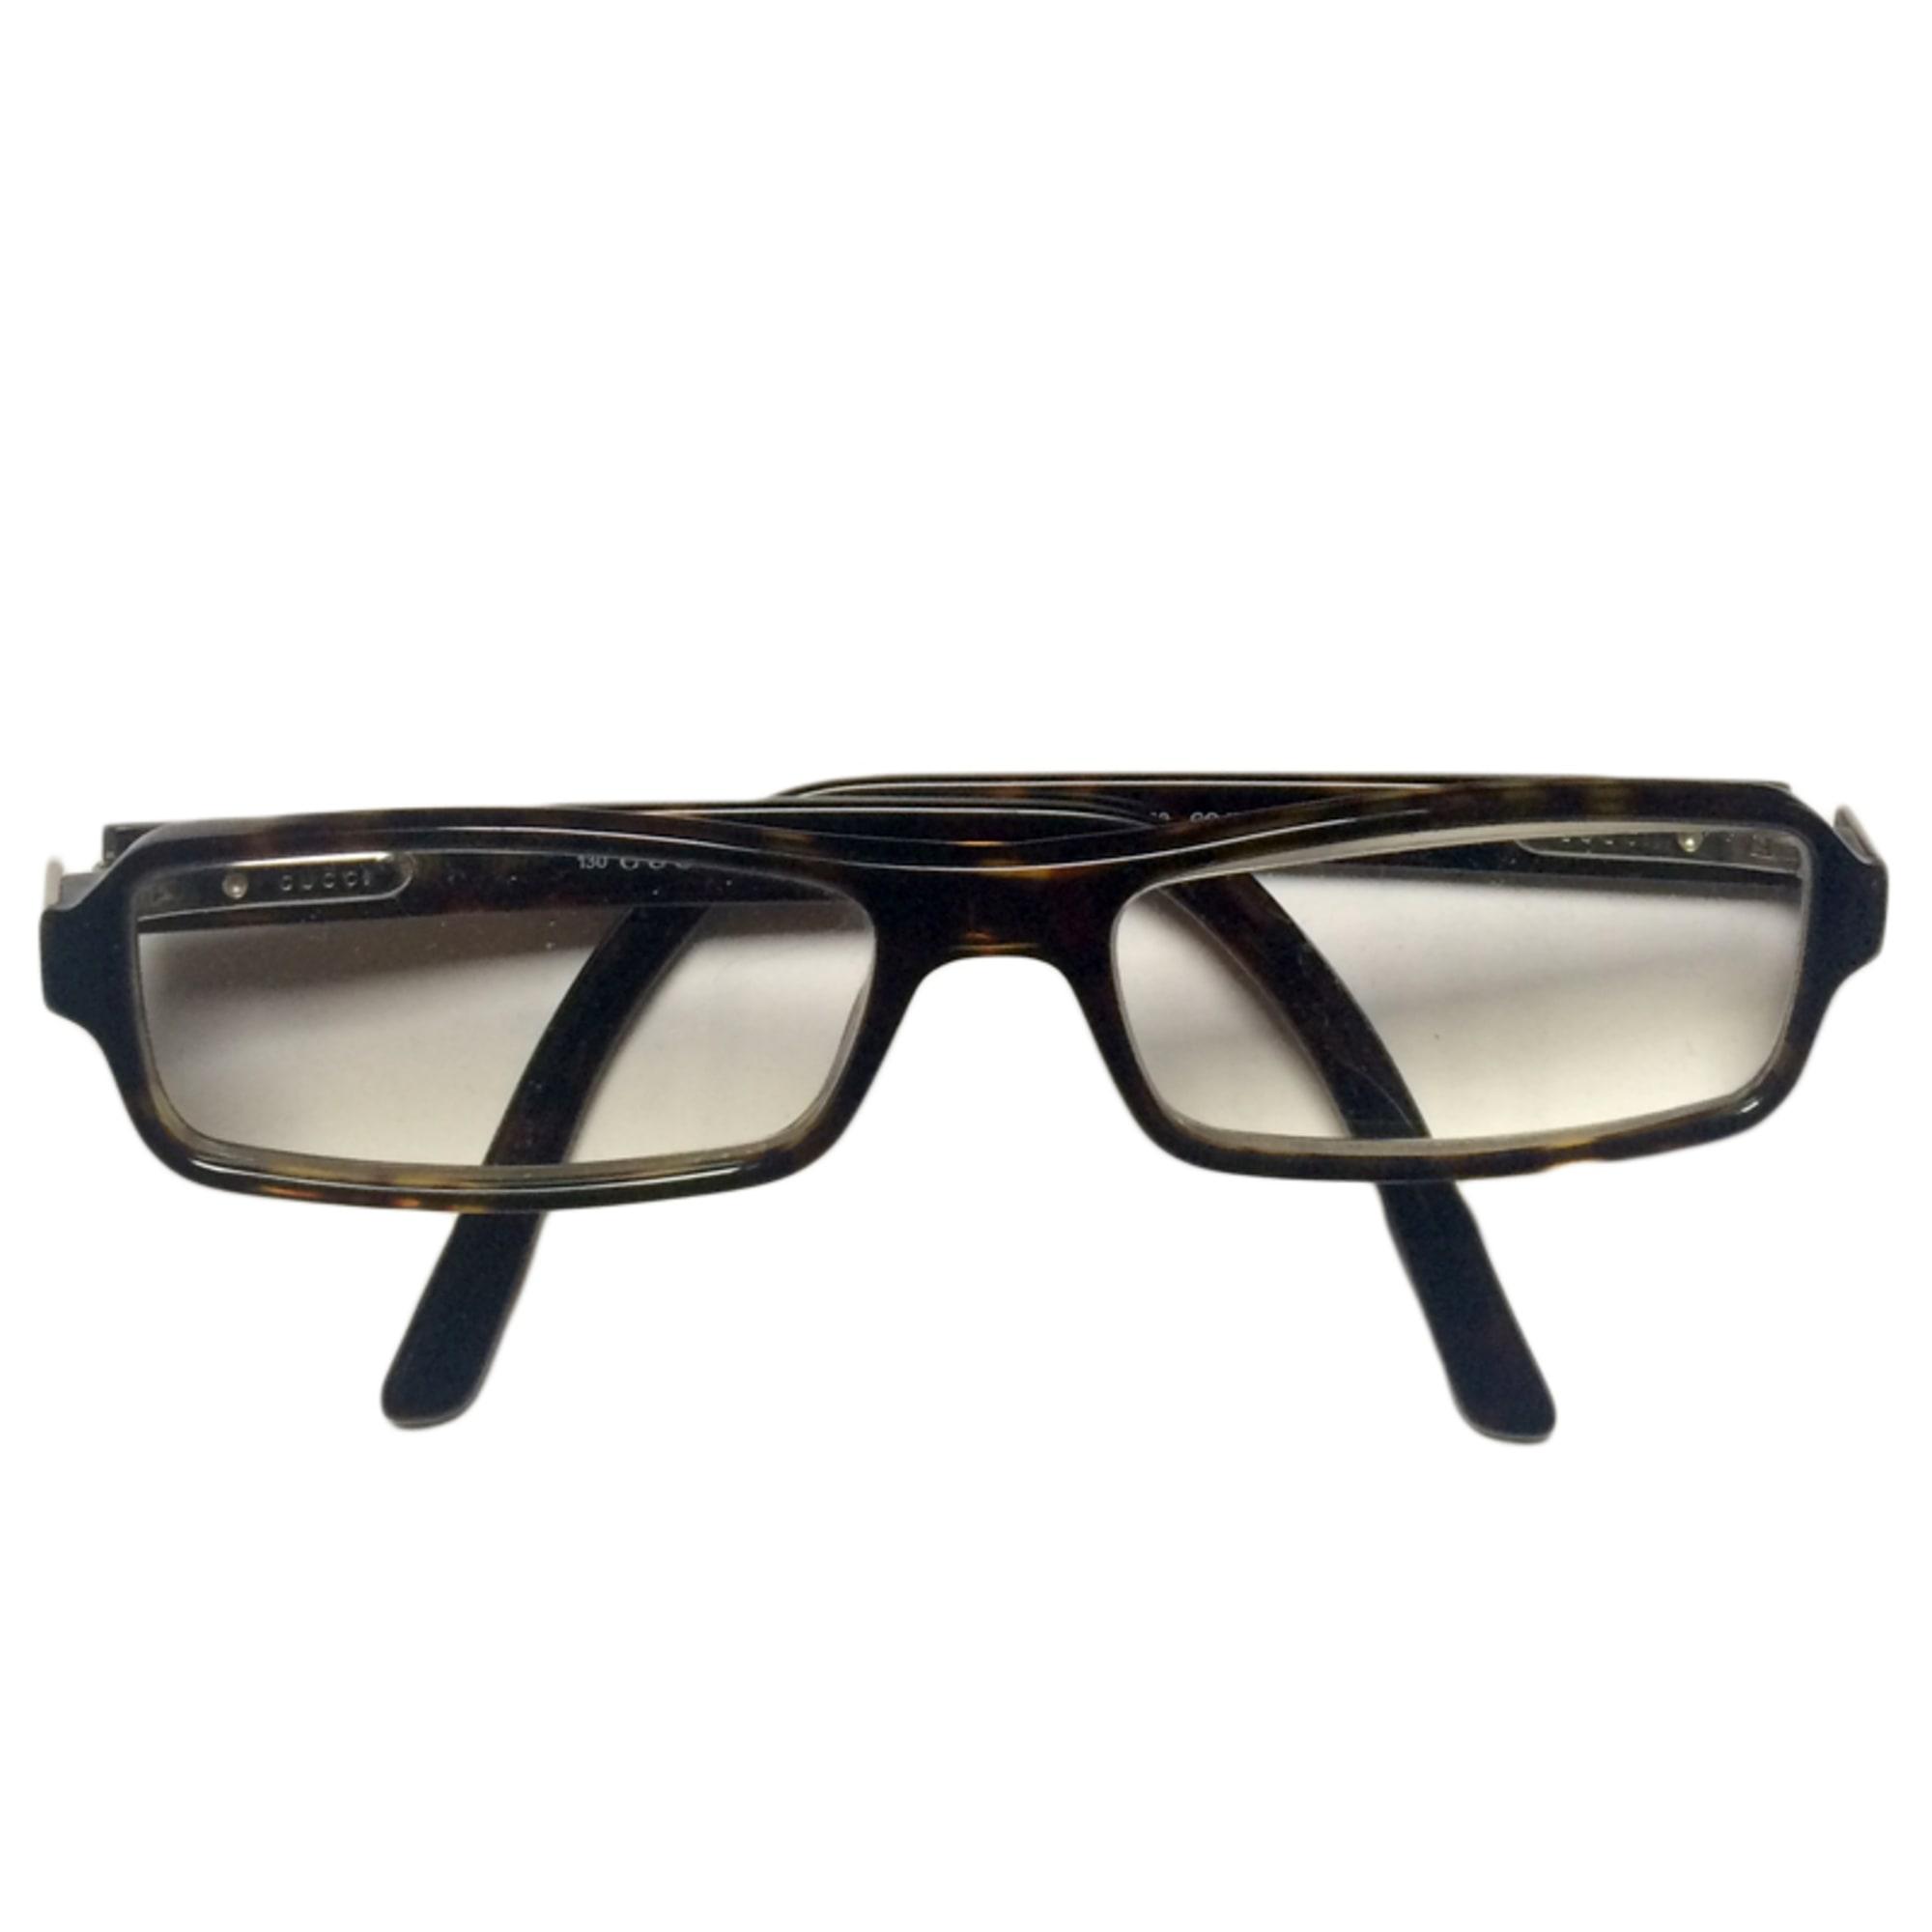 a590f990d6c755 Monture de lunettes GUCCI multicouleur - 4006495